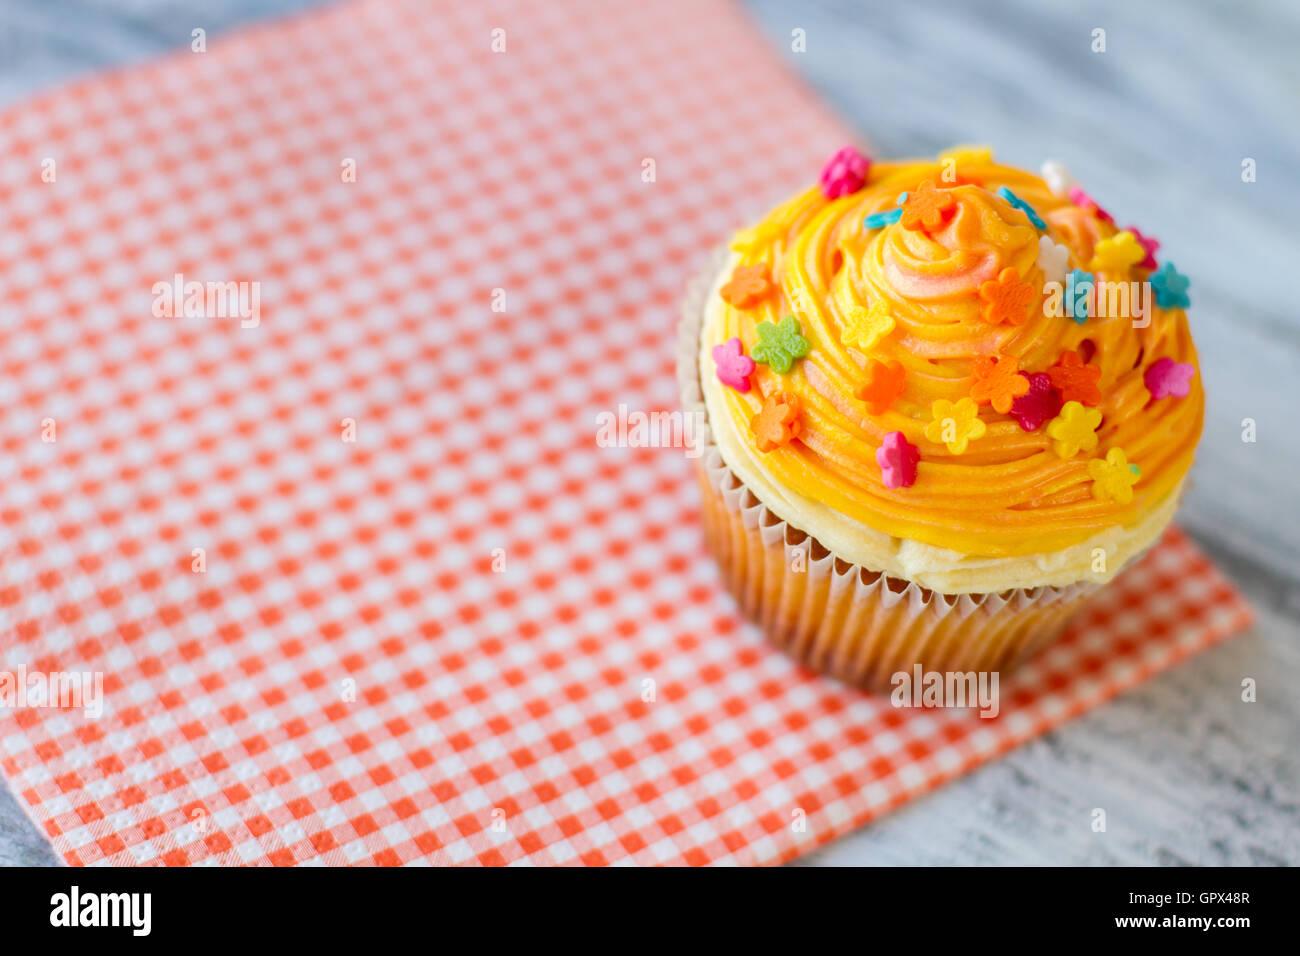 Tortina con glassa di colore arancione. Immagini Stock